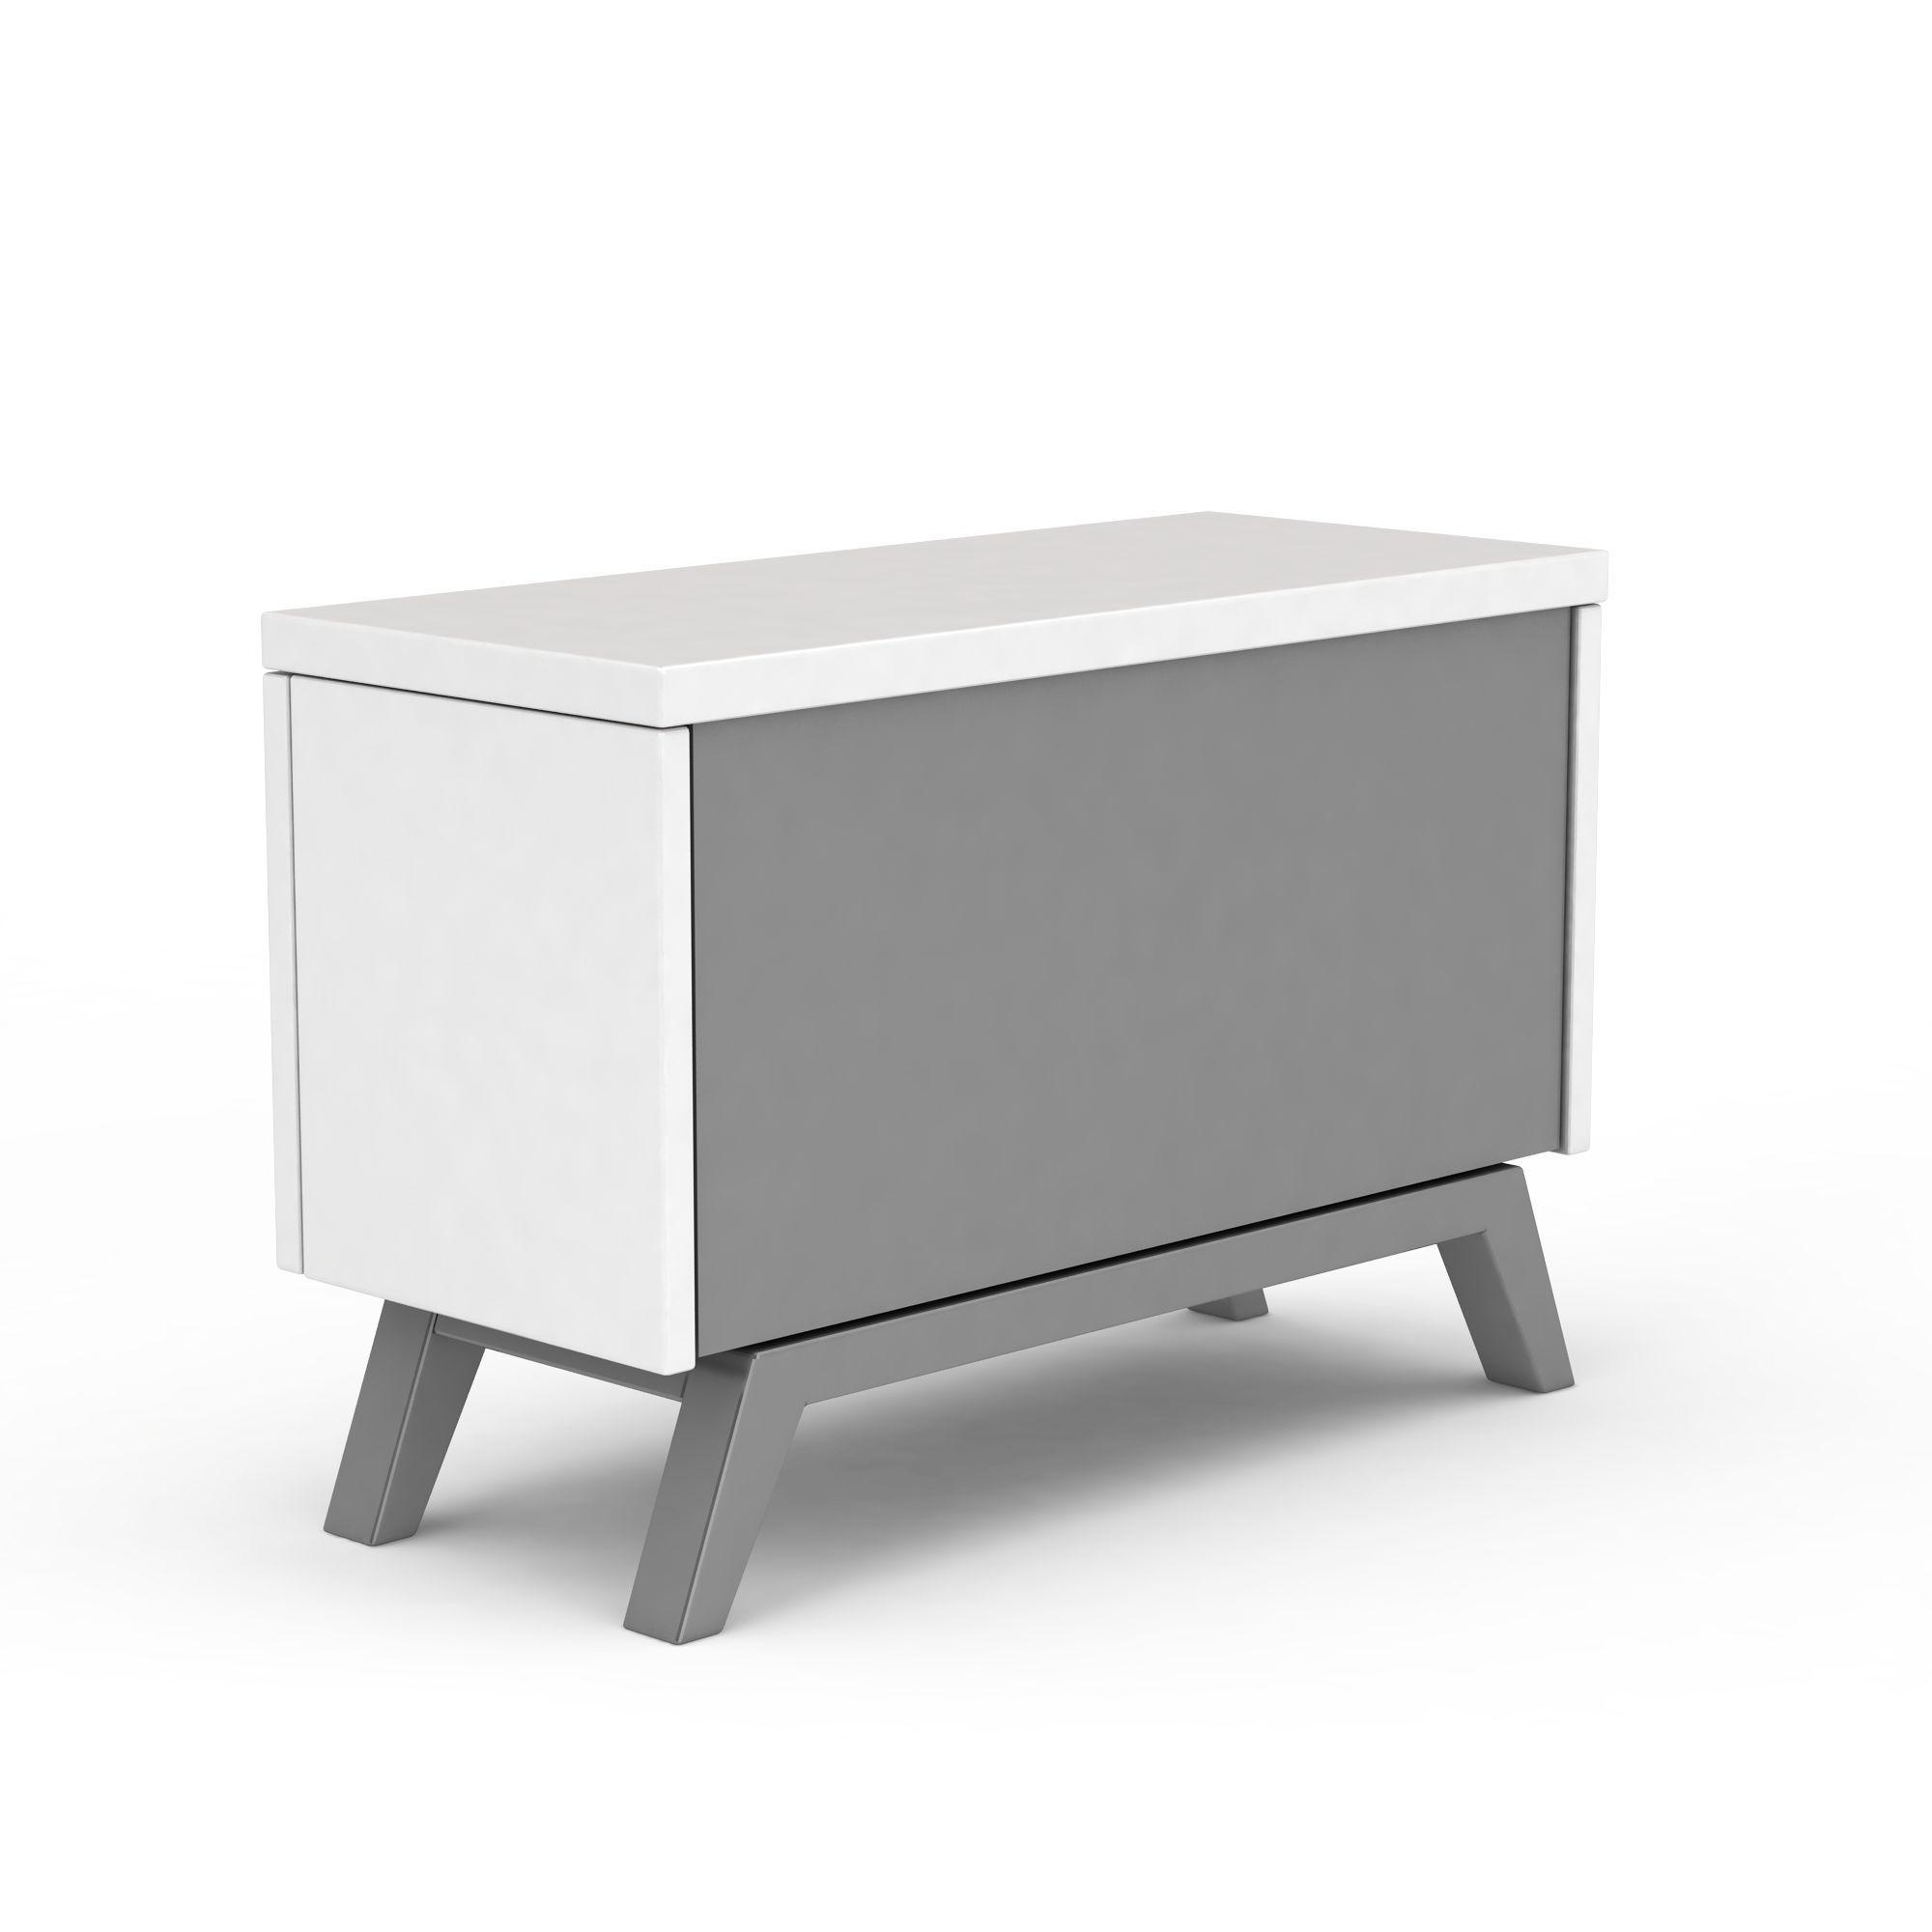 家具组合 柜 实木鞋柜3d模型 实木鞋柜png高清图  实木鞋柜高清图详情